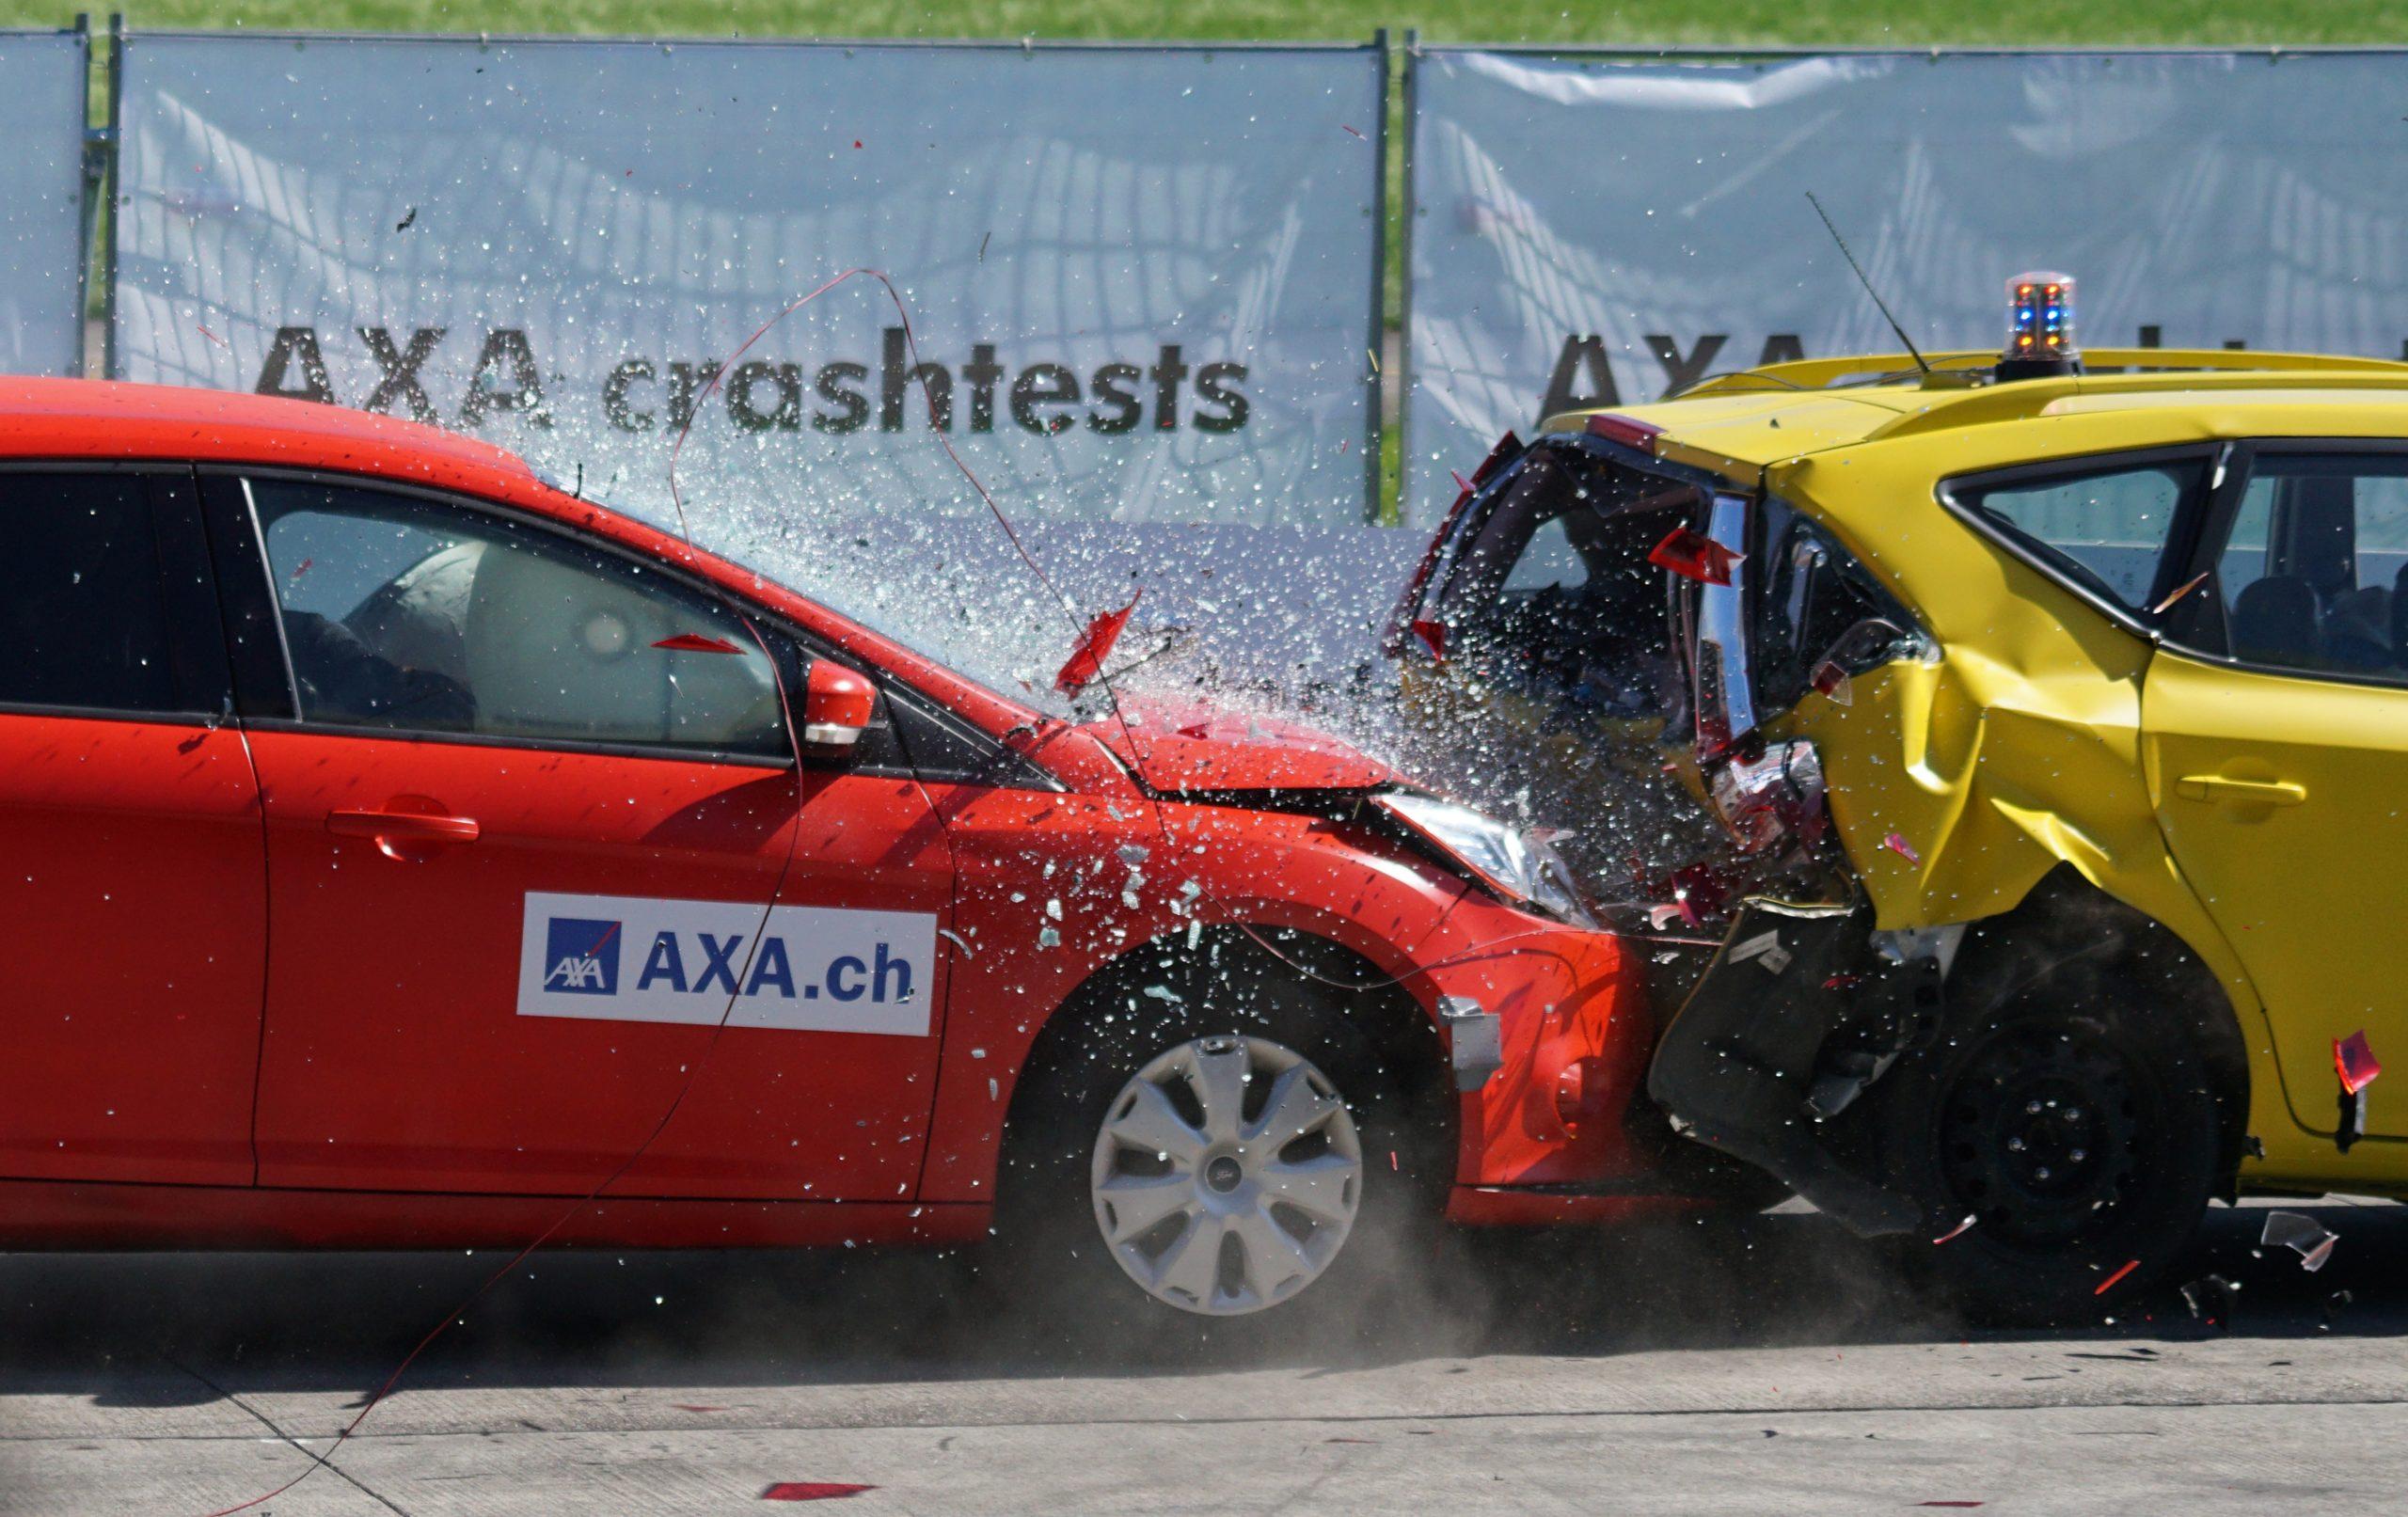 車禍、職災受傷時可以向加害人主張什麼權利